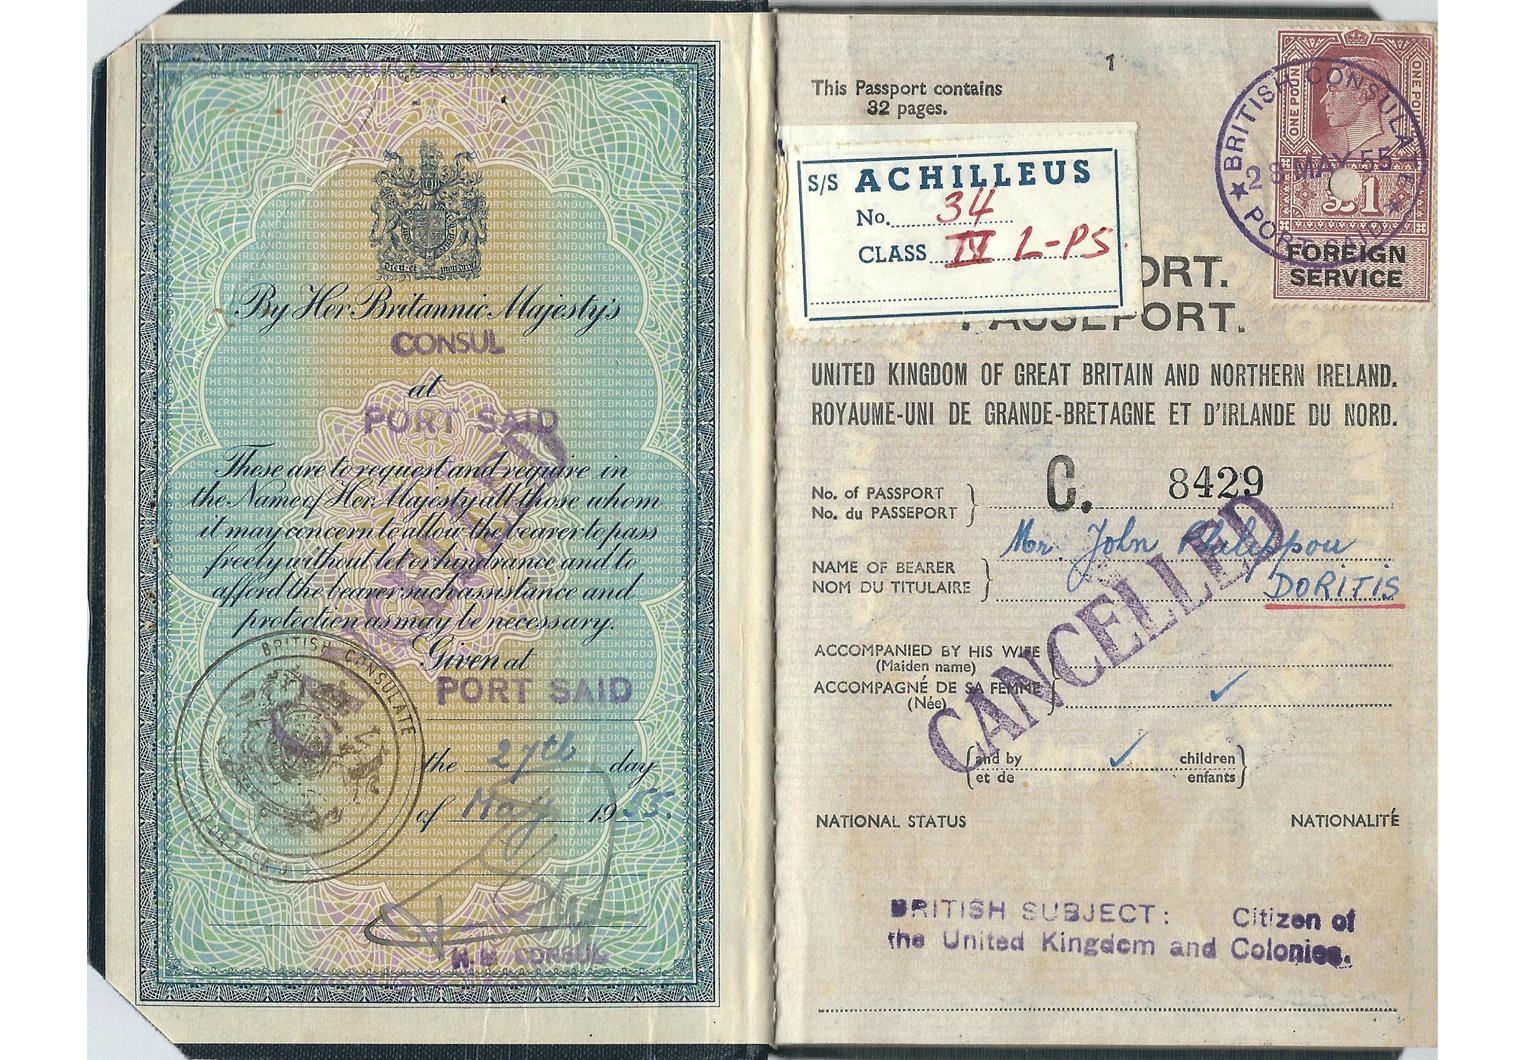 Suez Crisis passport.